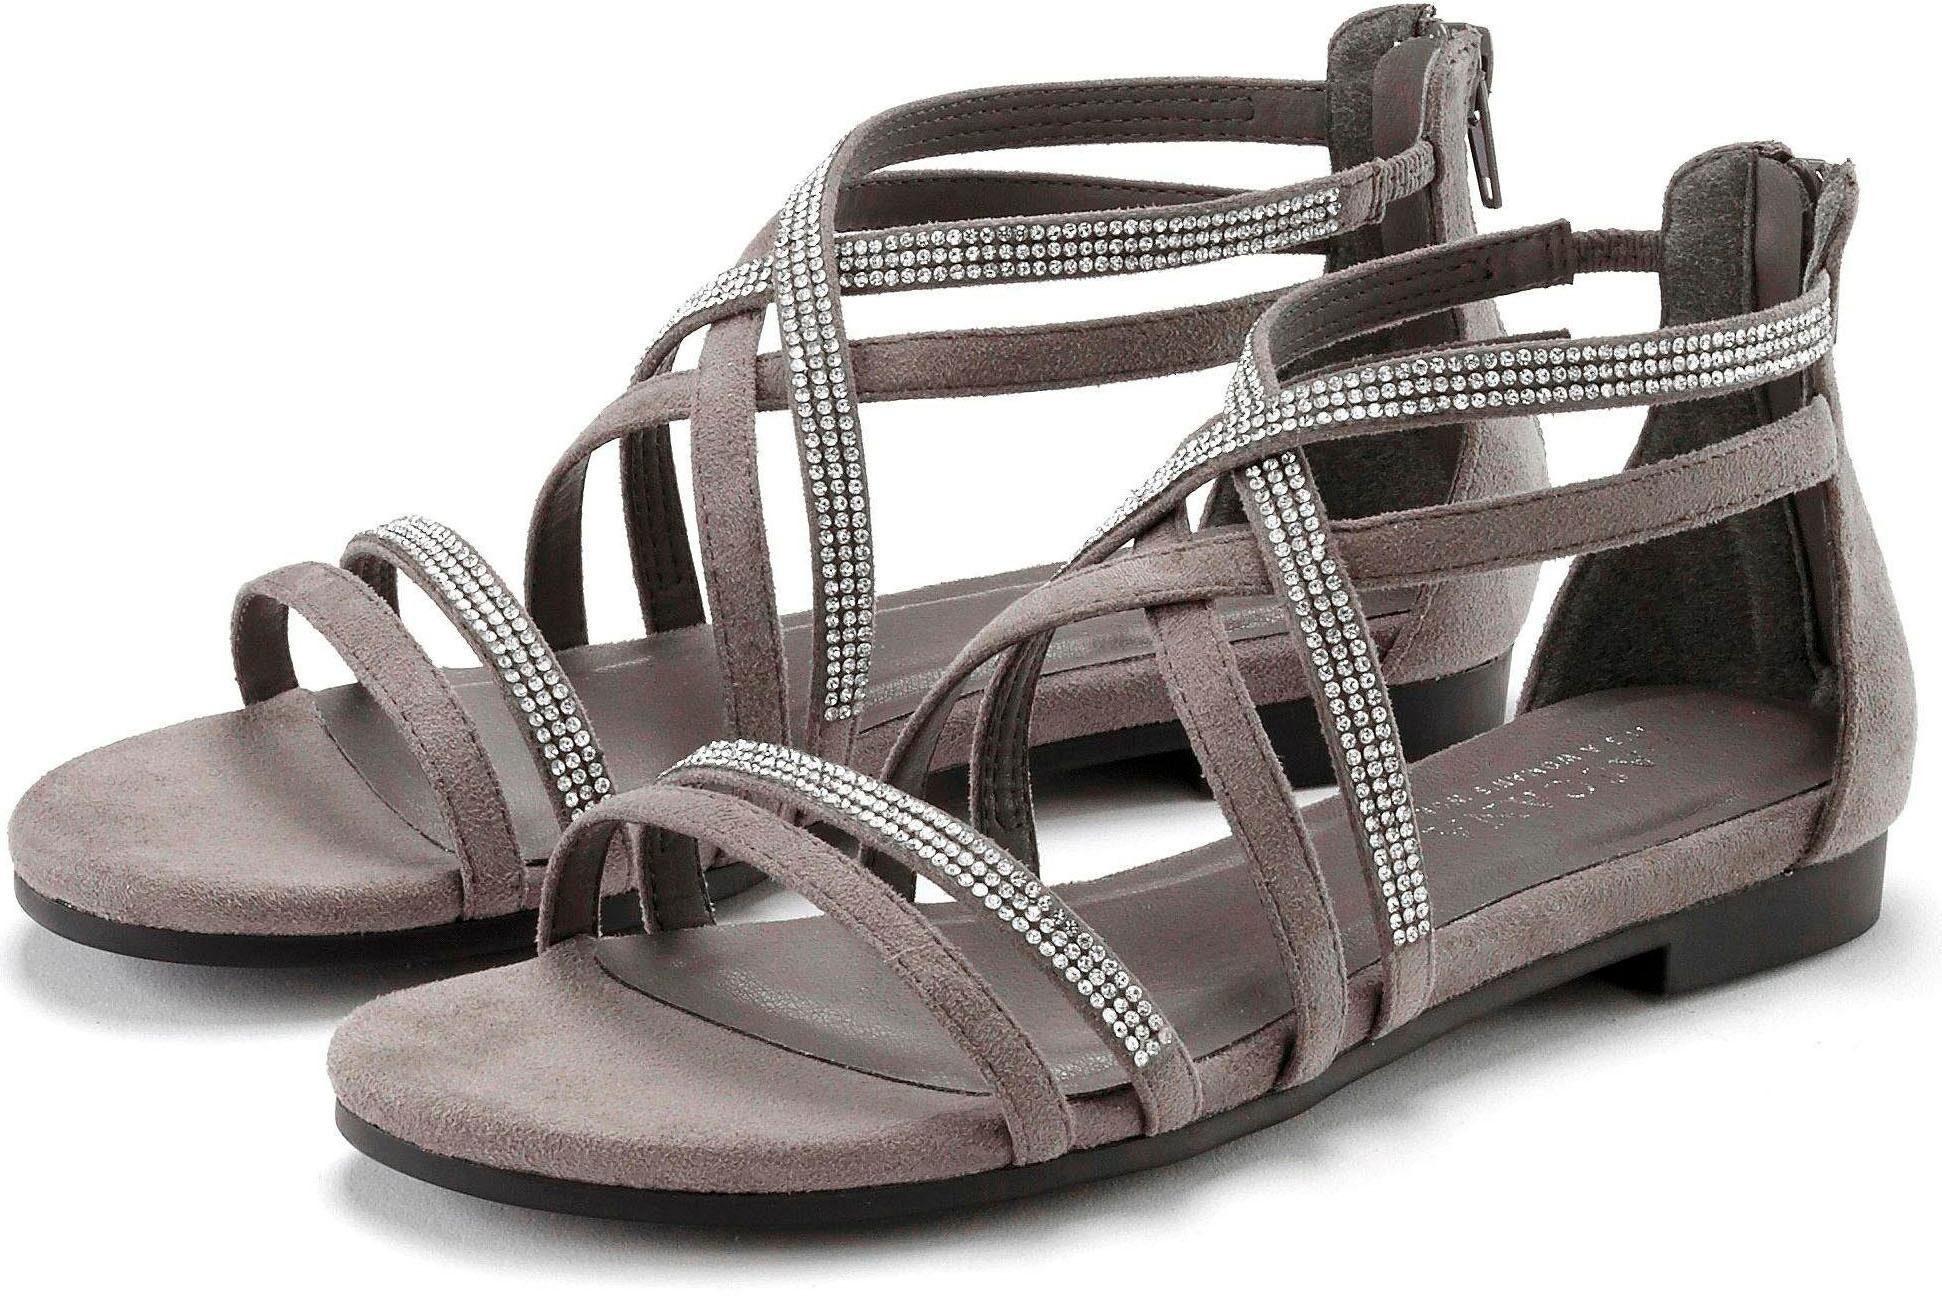 Marco Tozzi Damen Sandale Blockabsatz  NEU!! grau weiche Lederinnensohle